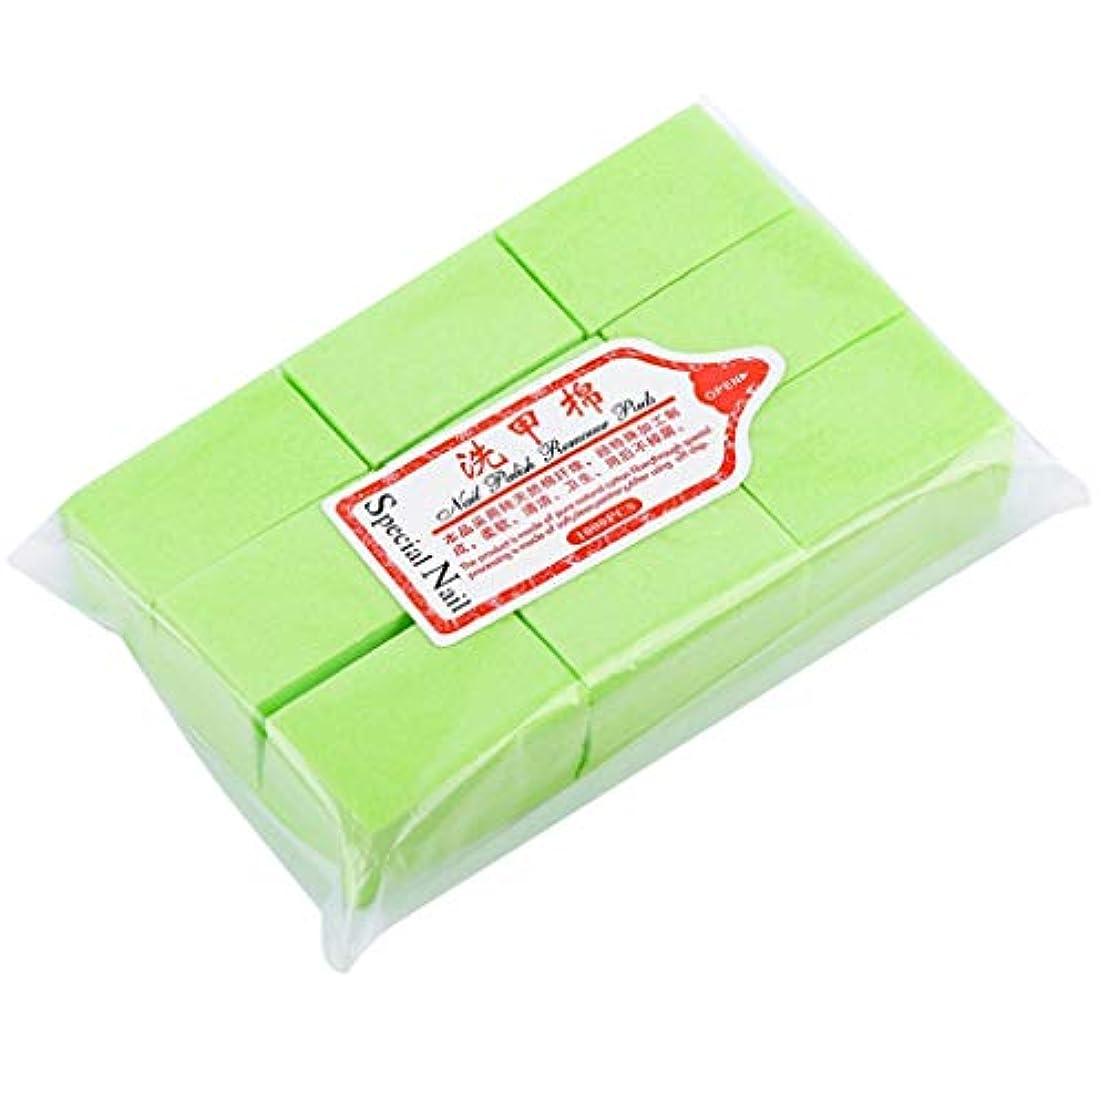 ウォルターカニンガム子供達加入Toygogo ネイルワイプ コットンパッド ネイルアート メイクアップリムーバー 吸湿性 全4色 - グリーン